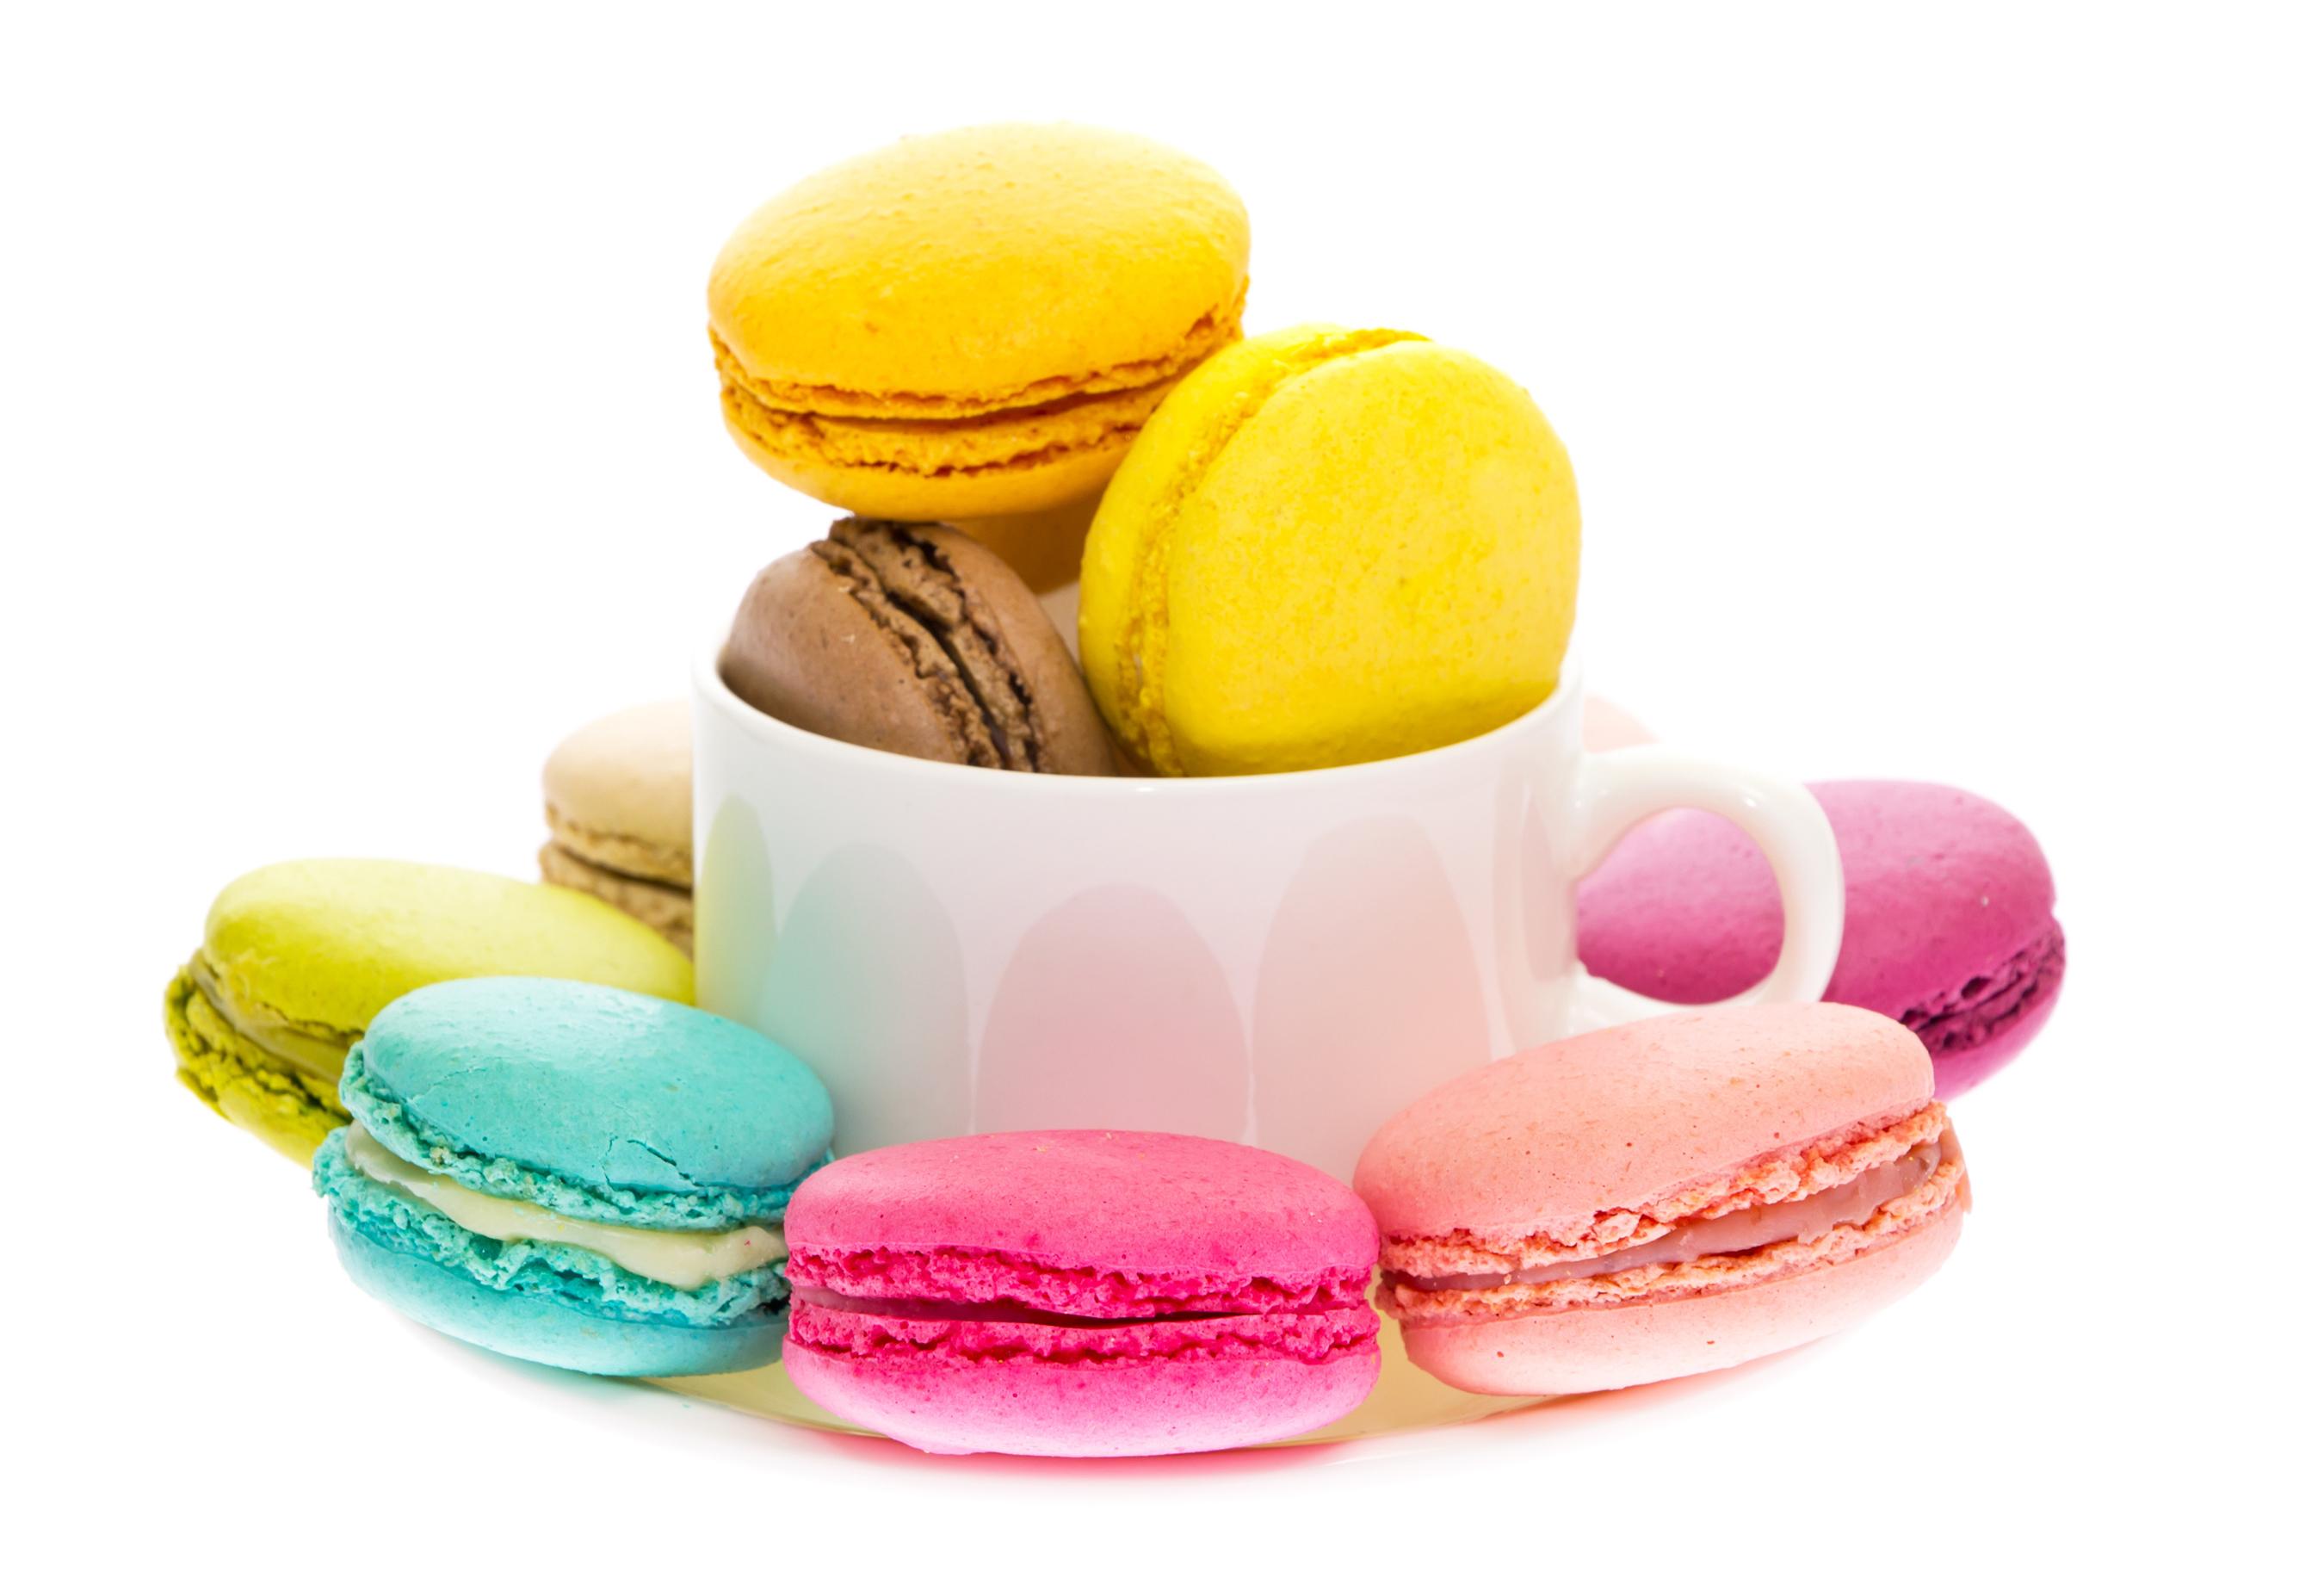 Картинка Макарон Разноцветные Пища чашке Белый фон Еда Чашка Продукты питания белом фоне белым фоном